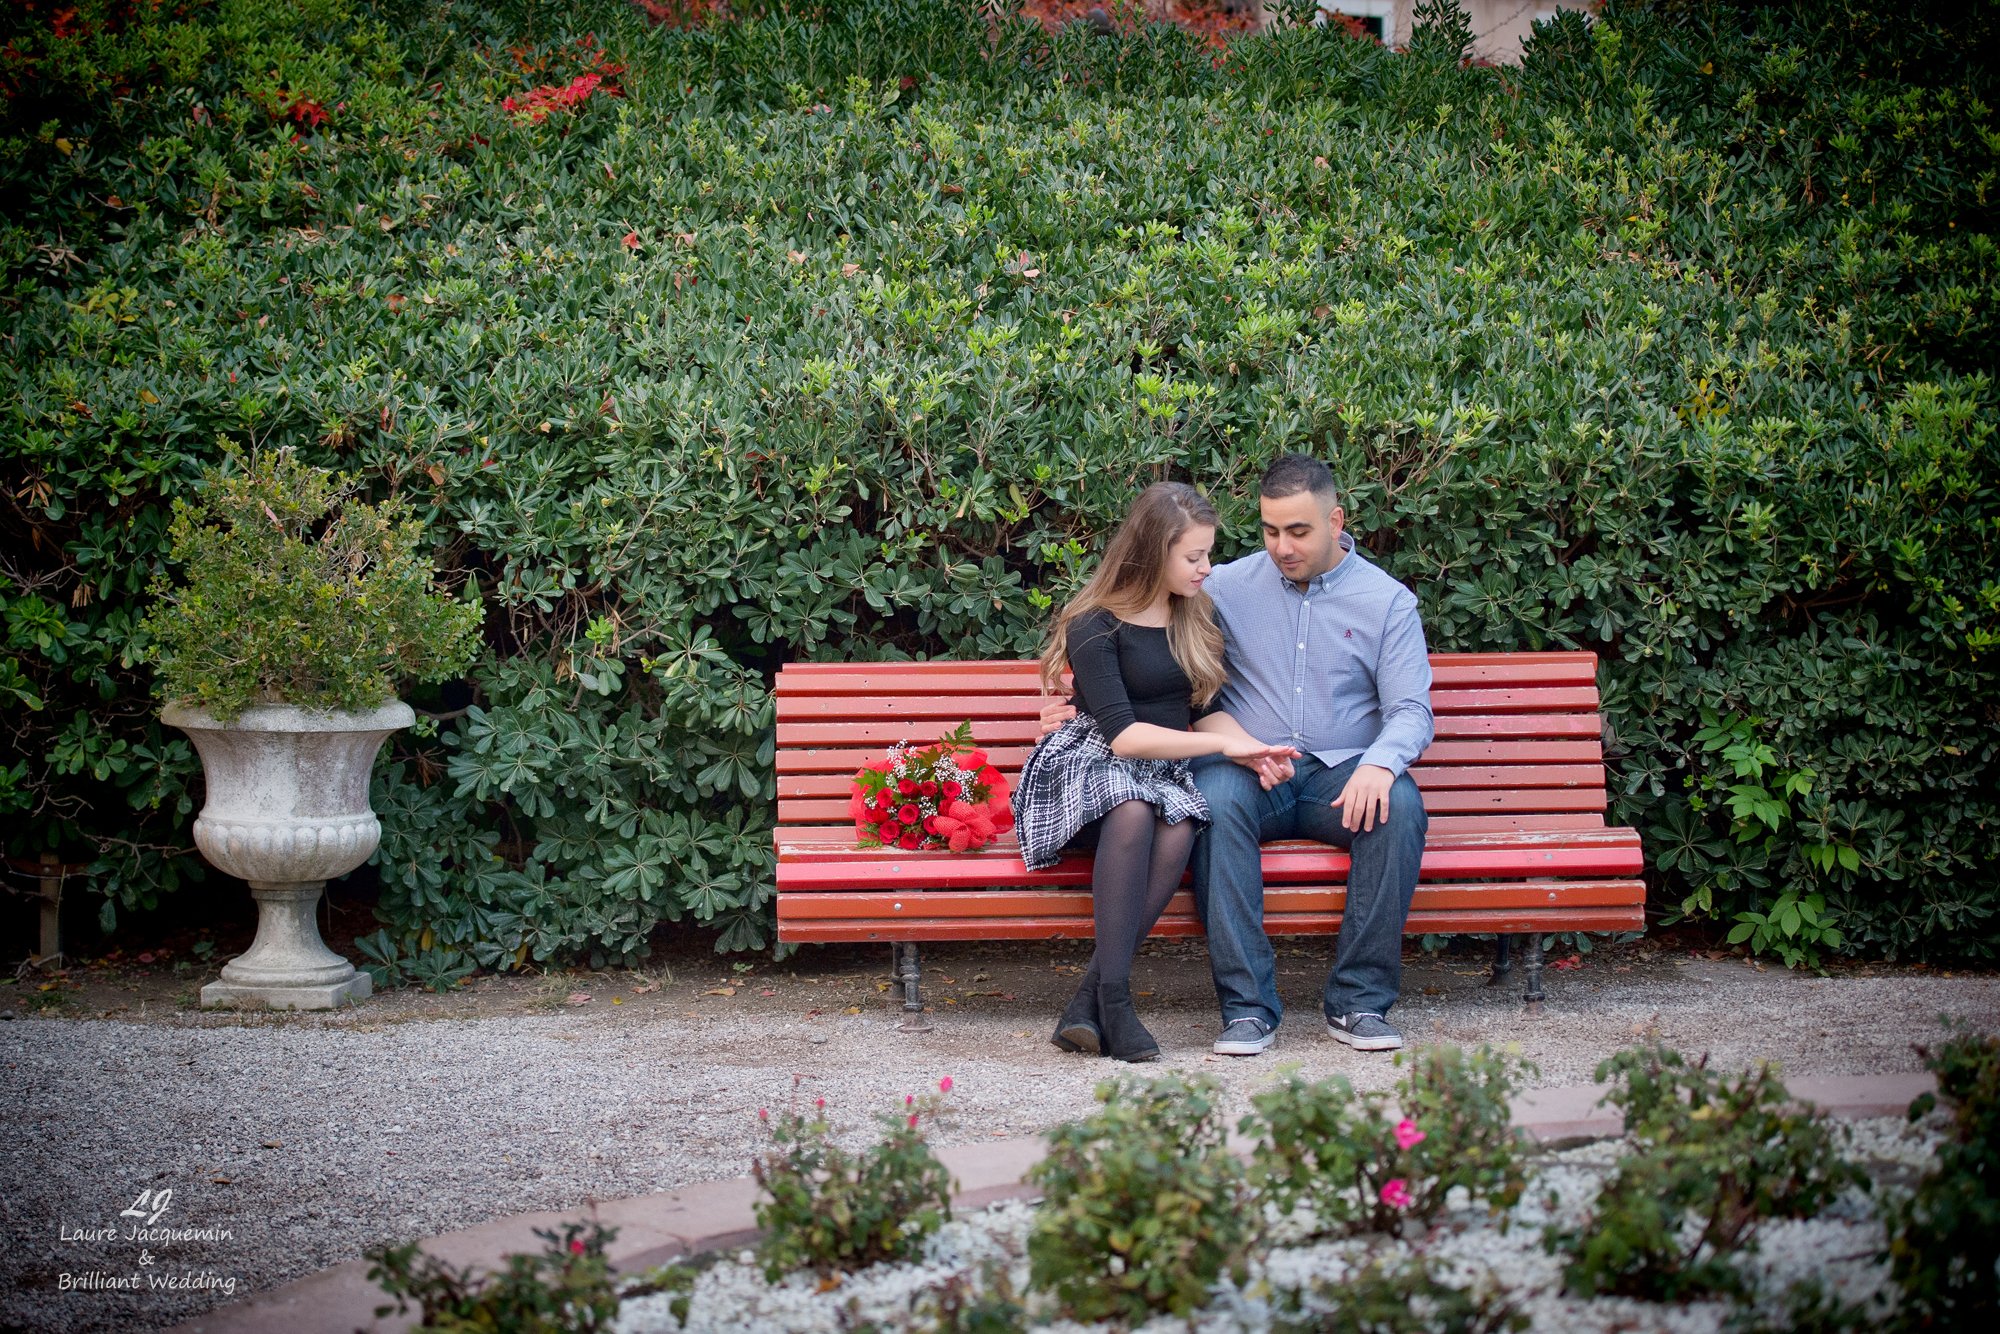 Mariage Venise Photographe fiancailles demande en mariage laure jacquemin   (30)